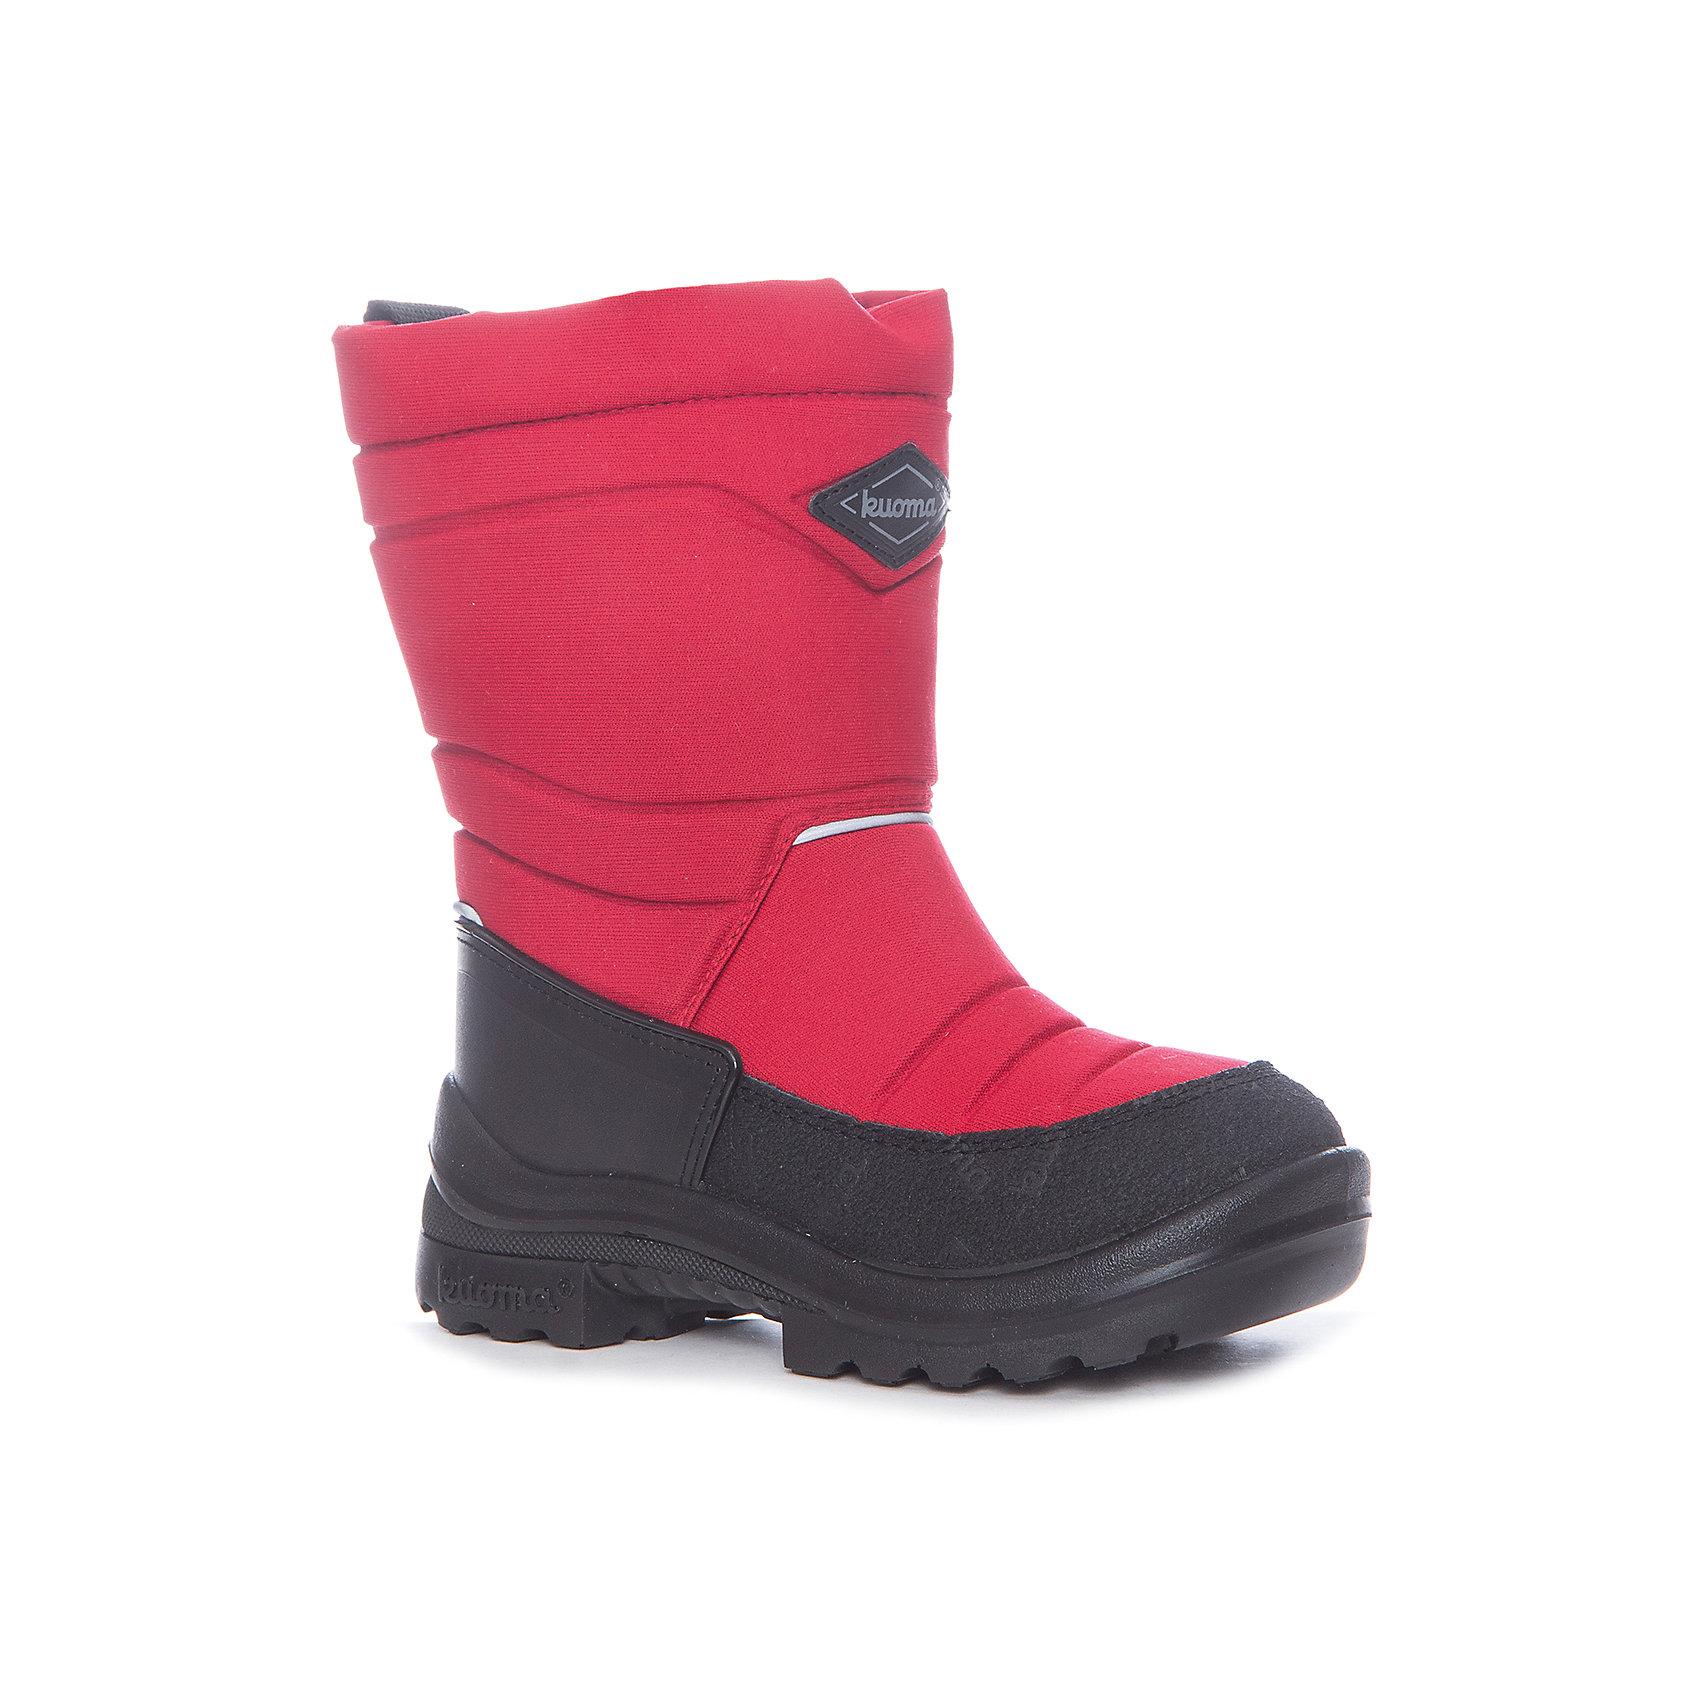 Зимние сапоги для девочки KUOMAЗимние сапожки Kuoma(Куома) изготовлены с учетом анатомического строения ноги. Обувь не промокает,  не скользит даже по льду и обладает высокой прочностью и морозостойкостью. Верх имеет пропитку Nuva, которая защитит от грязи и воды. Есть светоотражатели. В таких сапожках прогулки непременно пройдут с комфортом!<br><br>Дополнительная информация:<br>Сезон: зима<br>Материал. Верх: текстиль. Стелька: войлок Подошва: полиуретан <br><br>Сапоги Kuoma(Куома) можно приобрести в нашем интернет-магазине.<br><br>Ширина мм: 257<br>Глубина мм: 180<br>Высота мм: 130<br>Вес г: 420<br>Цвет: красный<br>Возраст от месяцев: 24<br>Возраст до месяцев: 24<br>Пол: Женский<br>Возраст: Детский<br>Размер: 25,28,27,35,34,33,32,31,30,26,29,21,25,24,23,22,20,38,37,36,26,25,24<br>SKU: 3326771